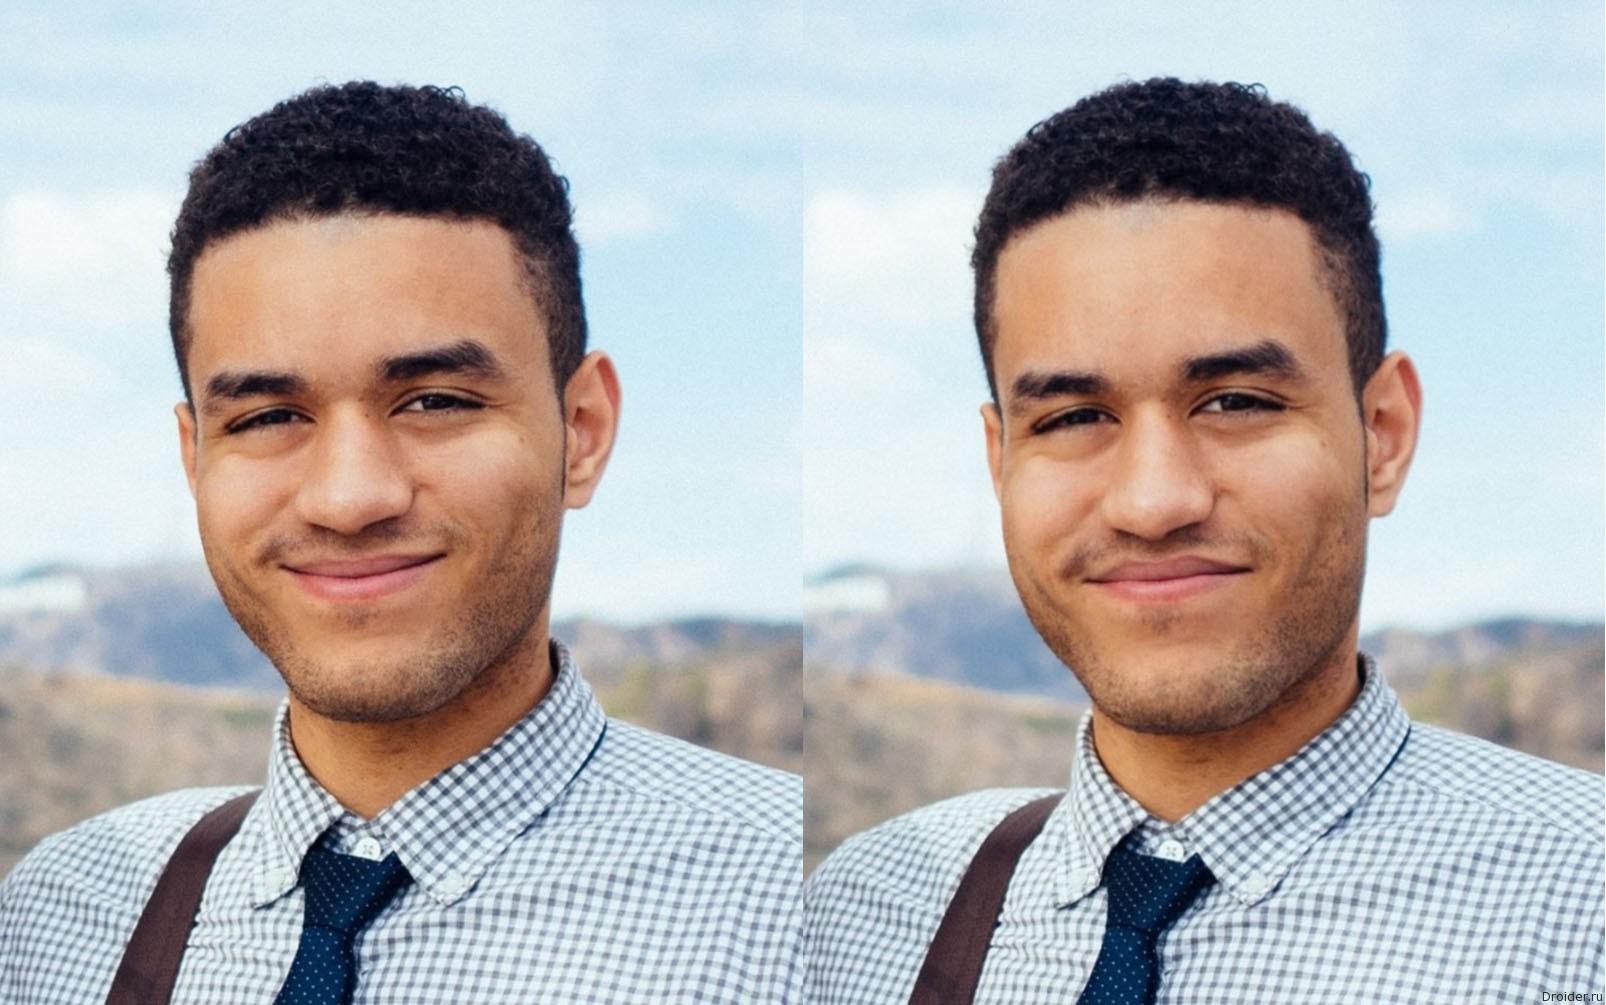 В новом Photoshop можно редактировать выражения лиц